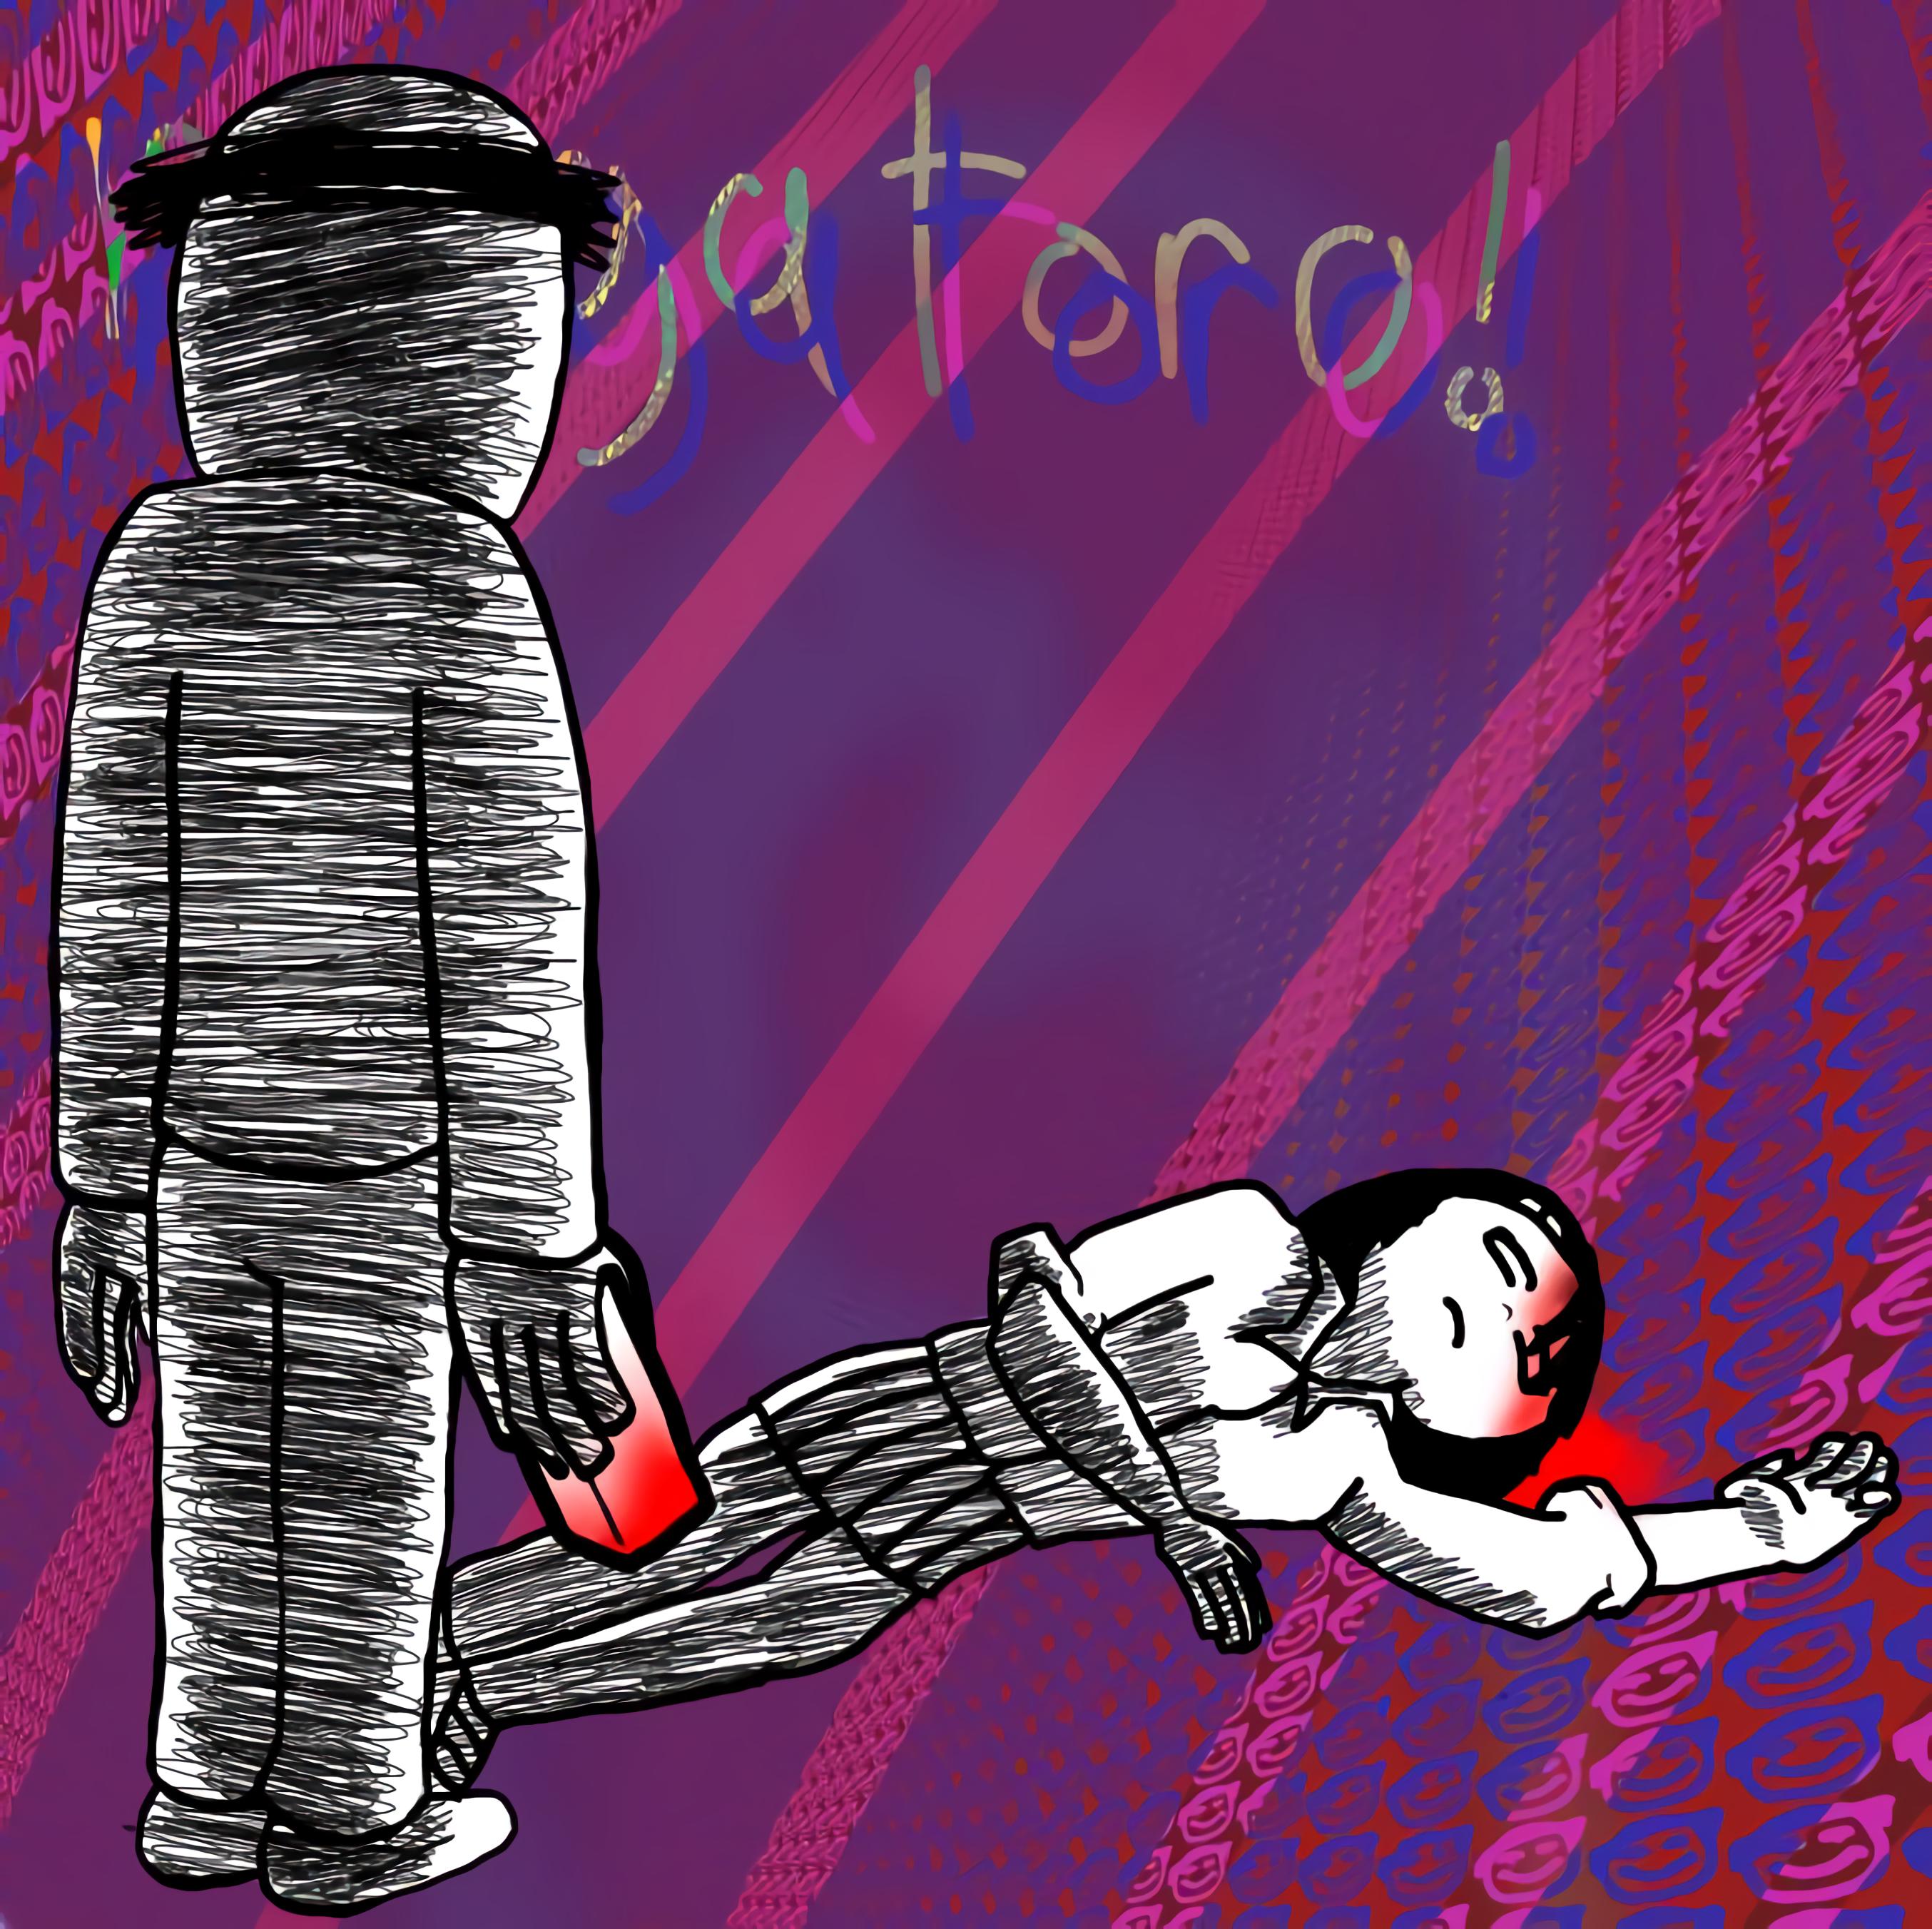 nagatoro and the brick